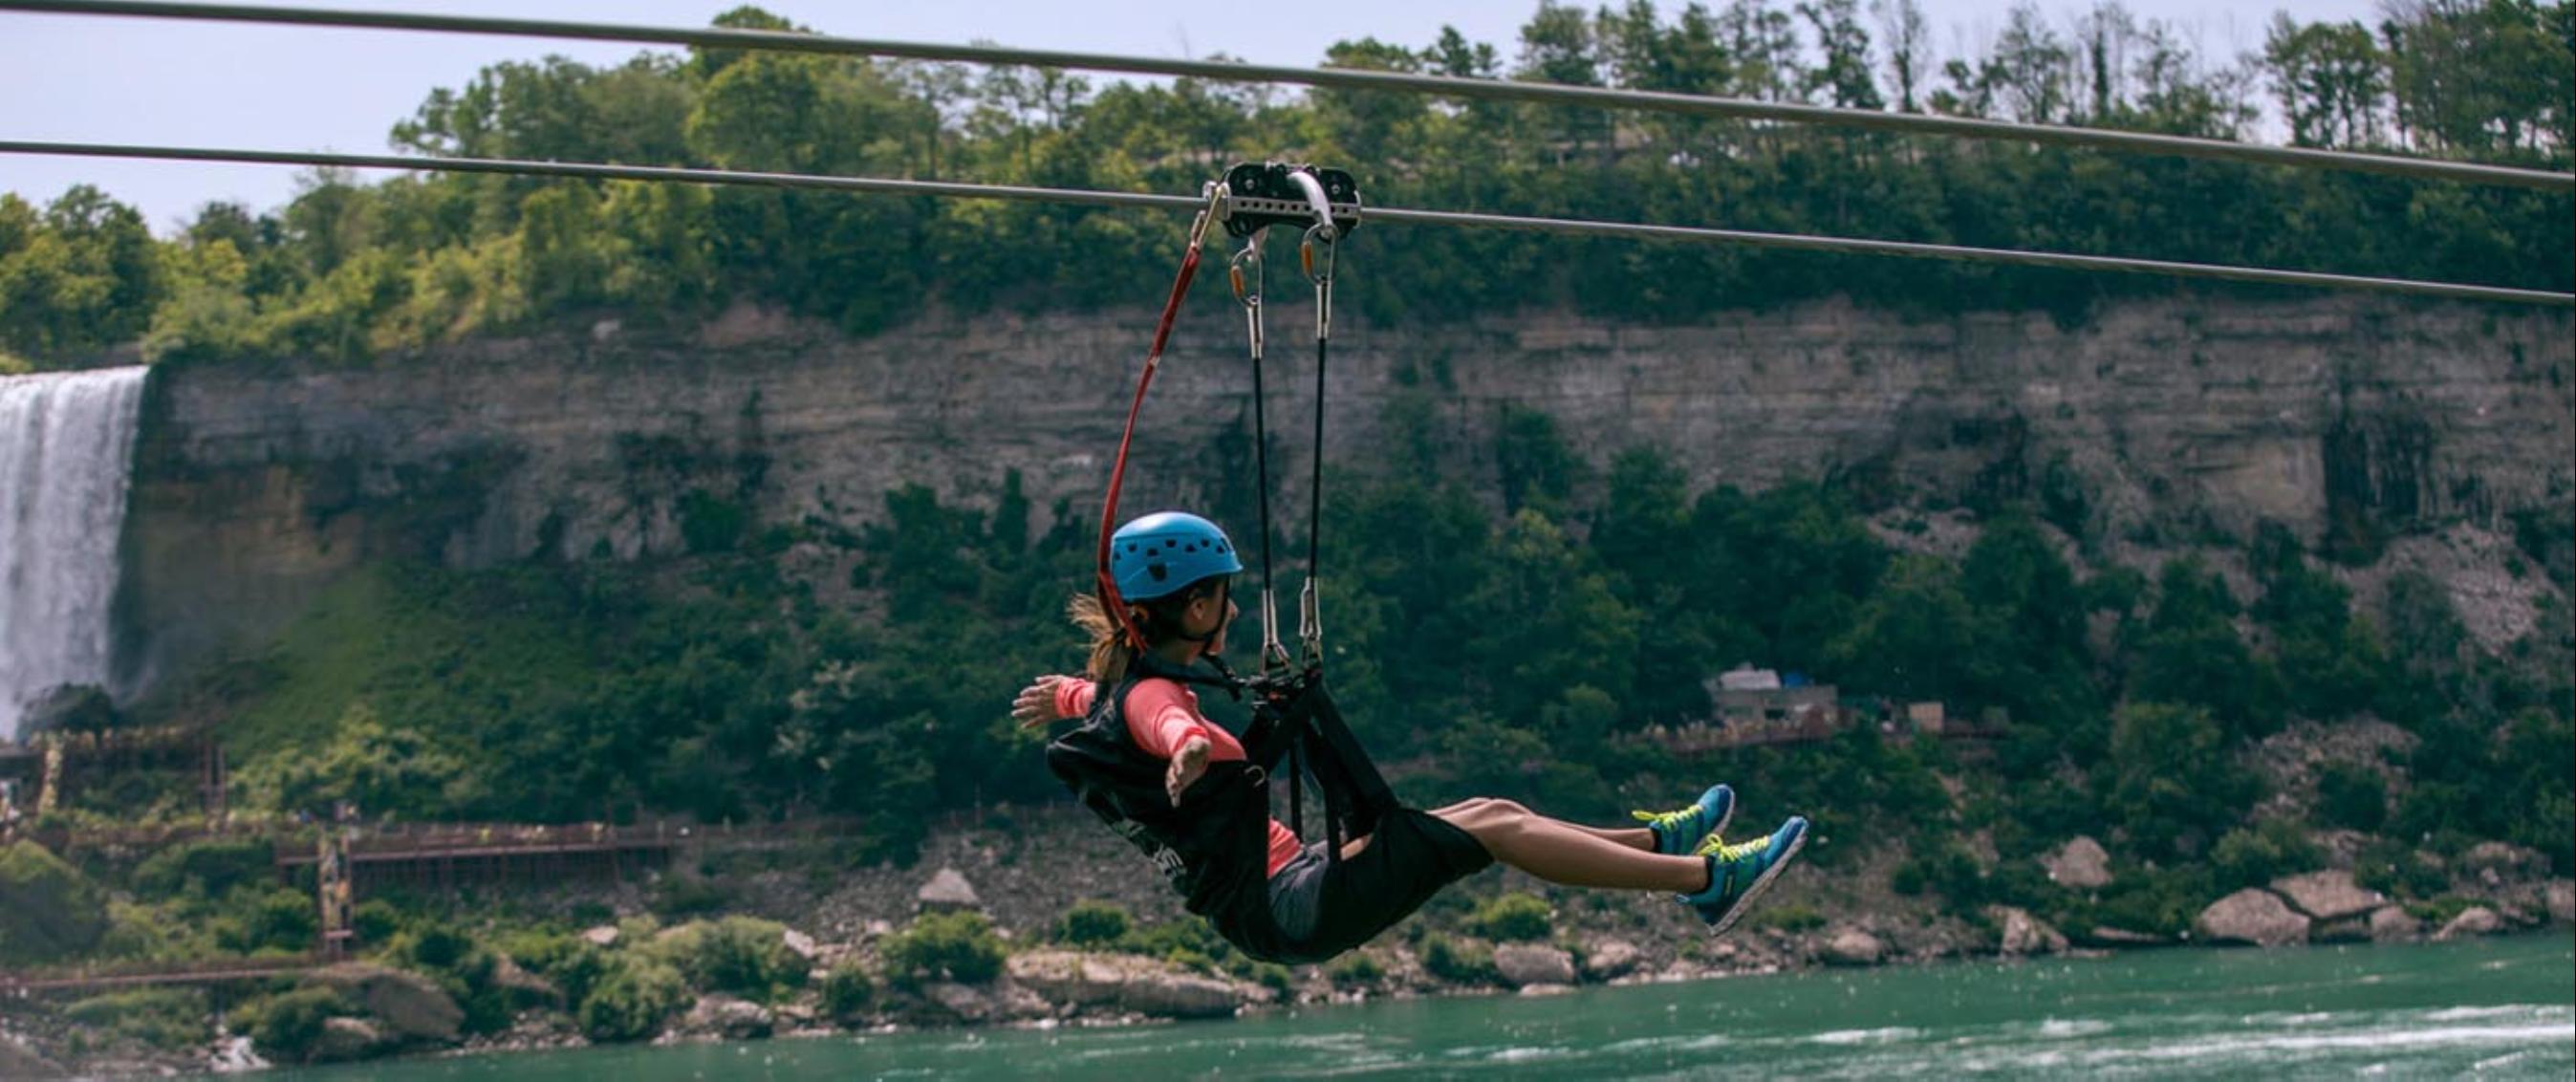 Yogi Bear's Jellystone Camp in Niagara Falls - ziplining